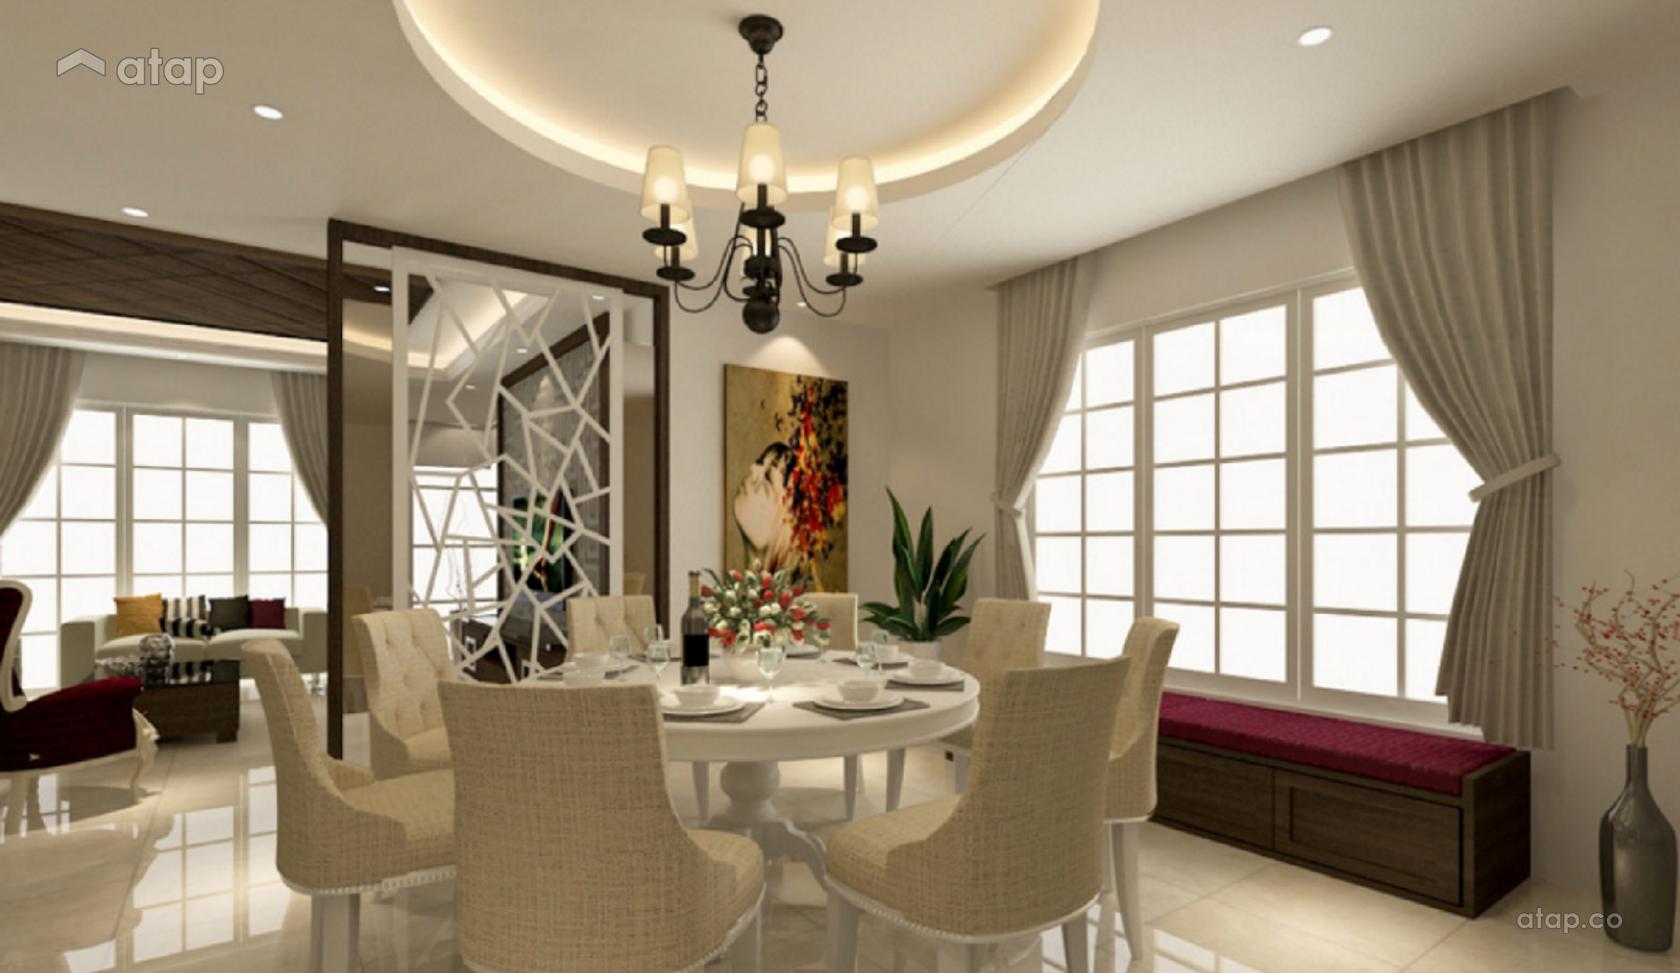 Pantai Jerejak Penang Interior Design Renovation Ideas Photos And